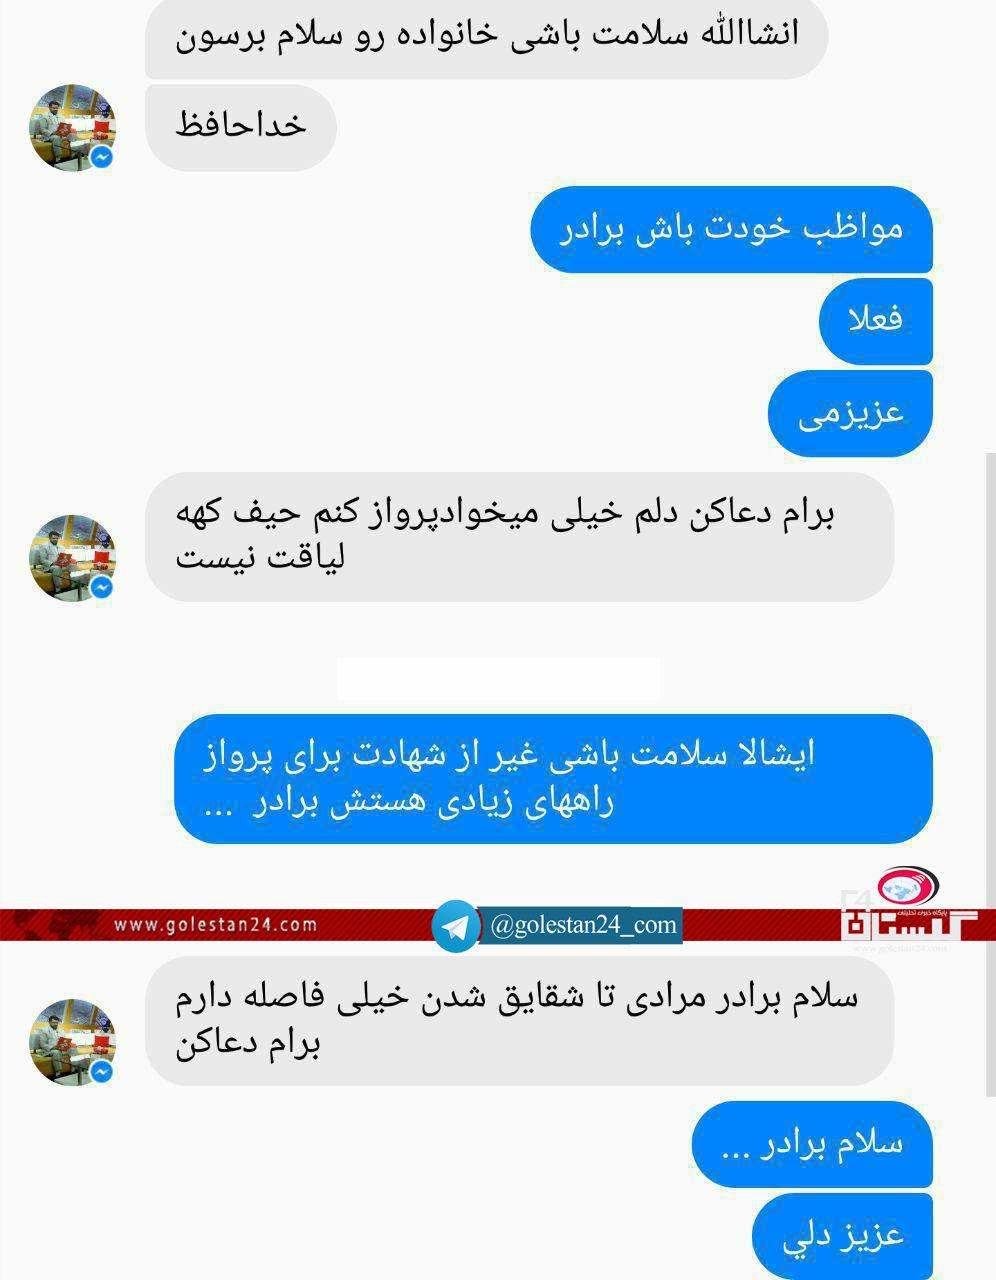 شهید خبرنگار ارزو پیامکی7